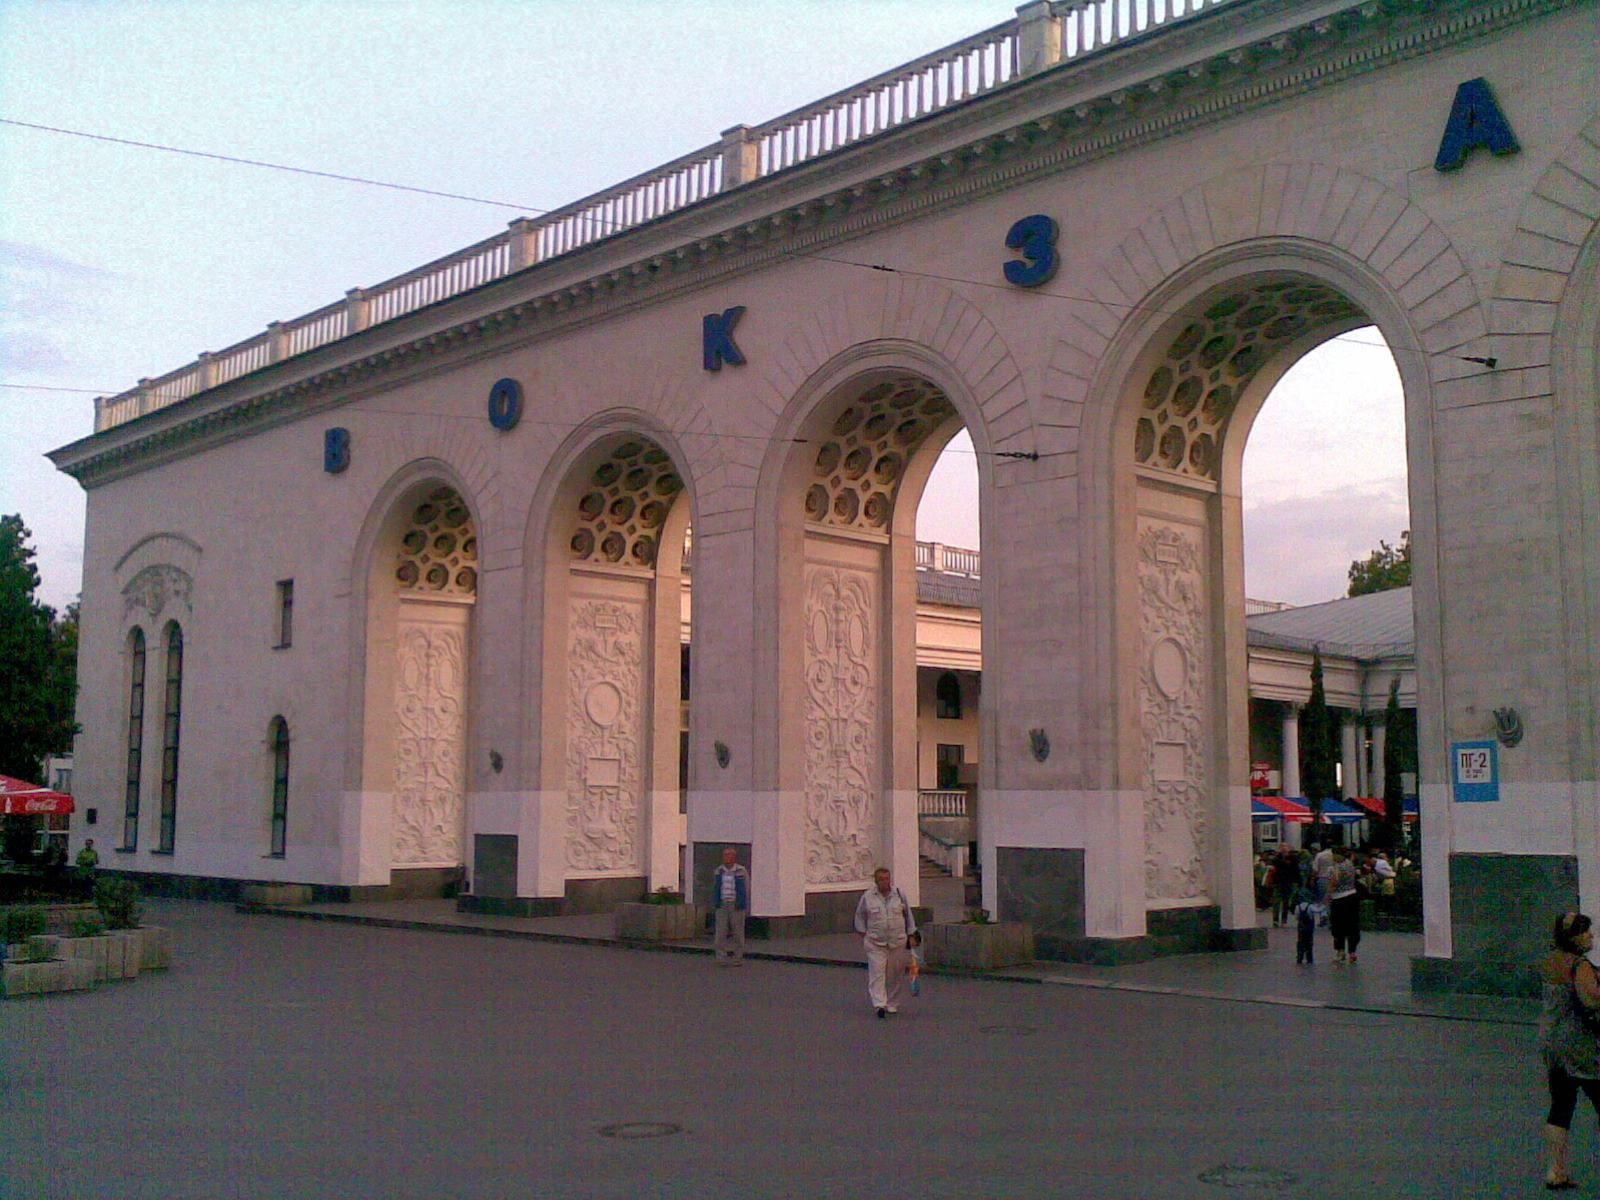 Estación de Simferópol